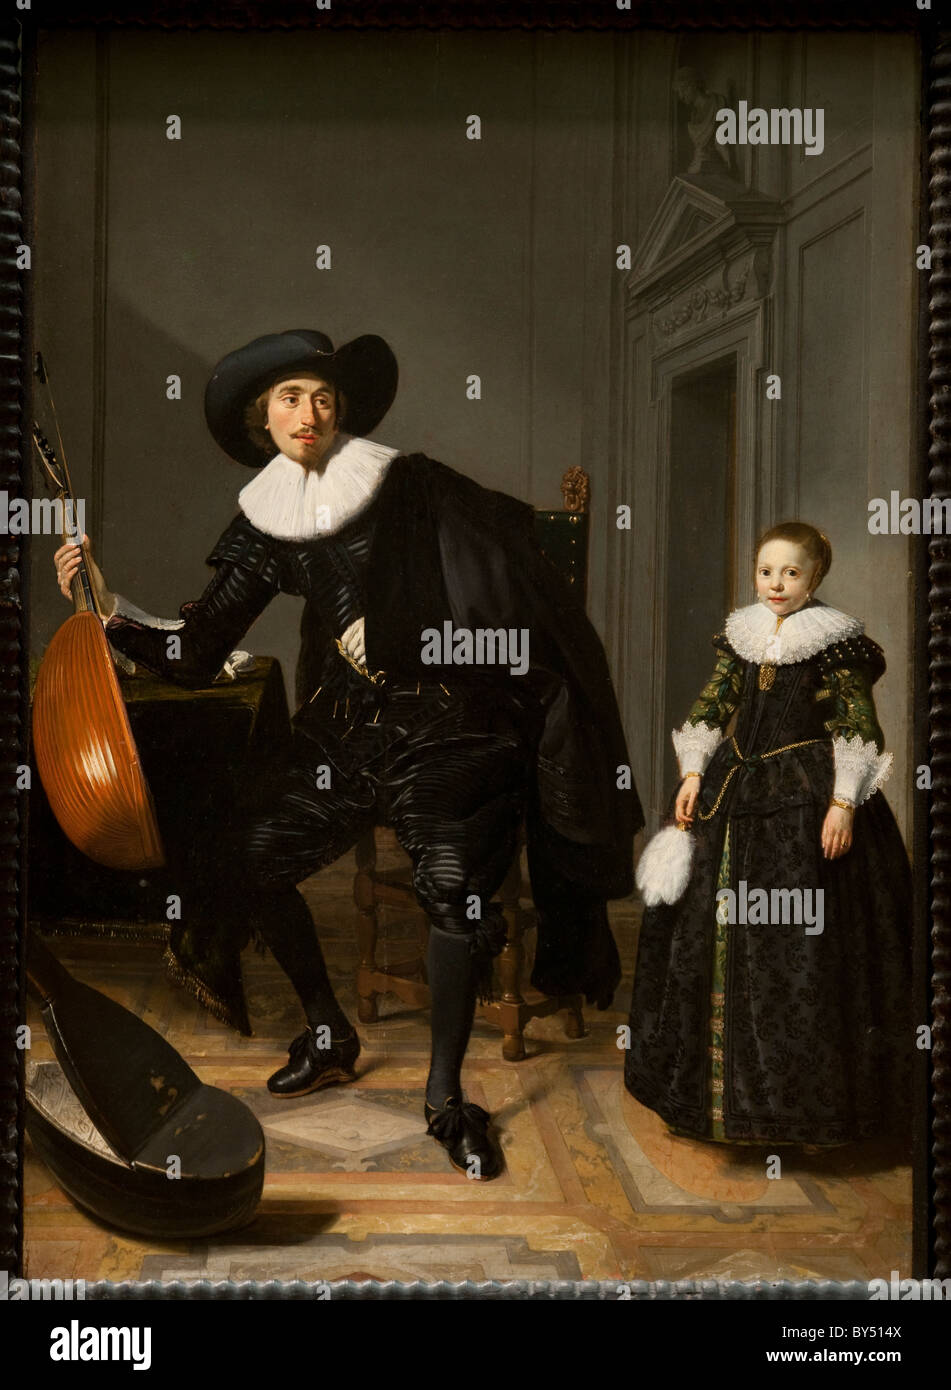 Un músico y su hija, 1629, por Thomas de Keyser Imagen De Stock